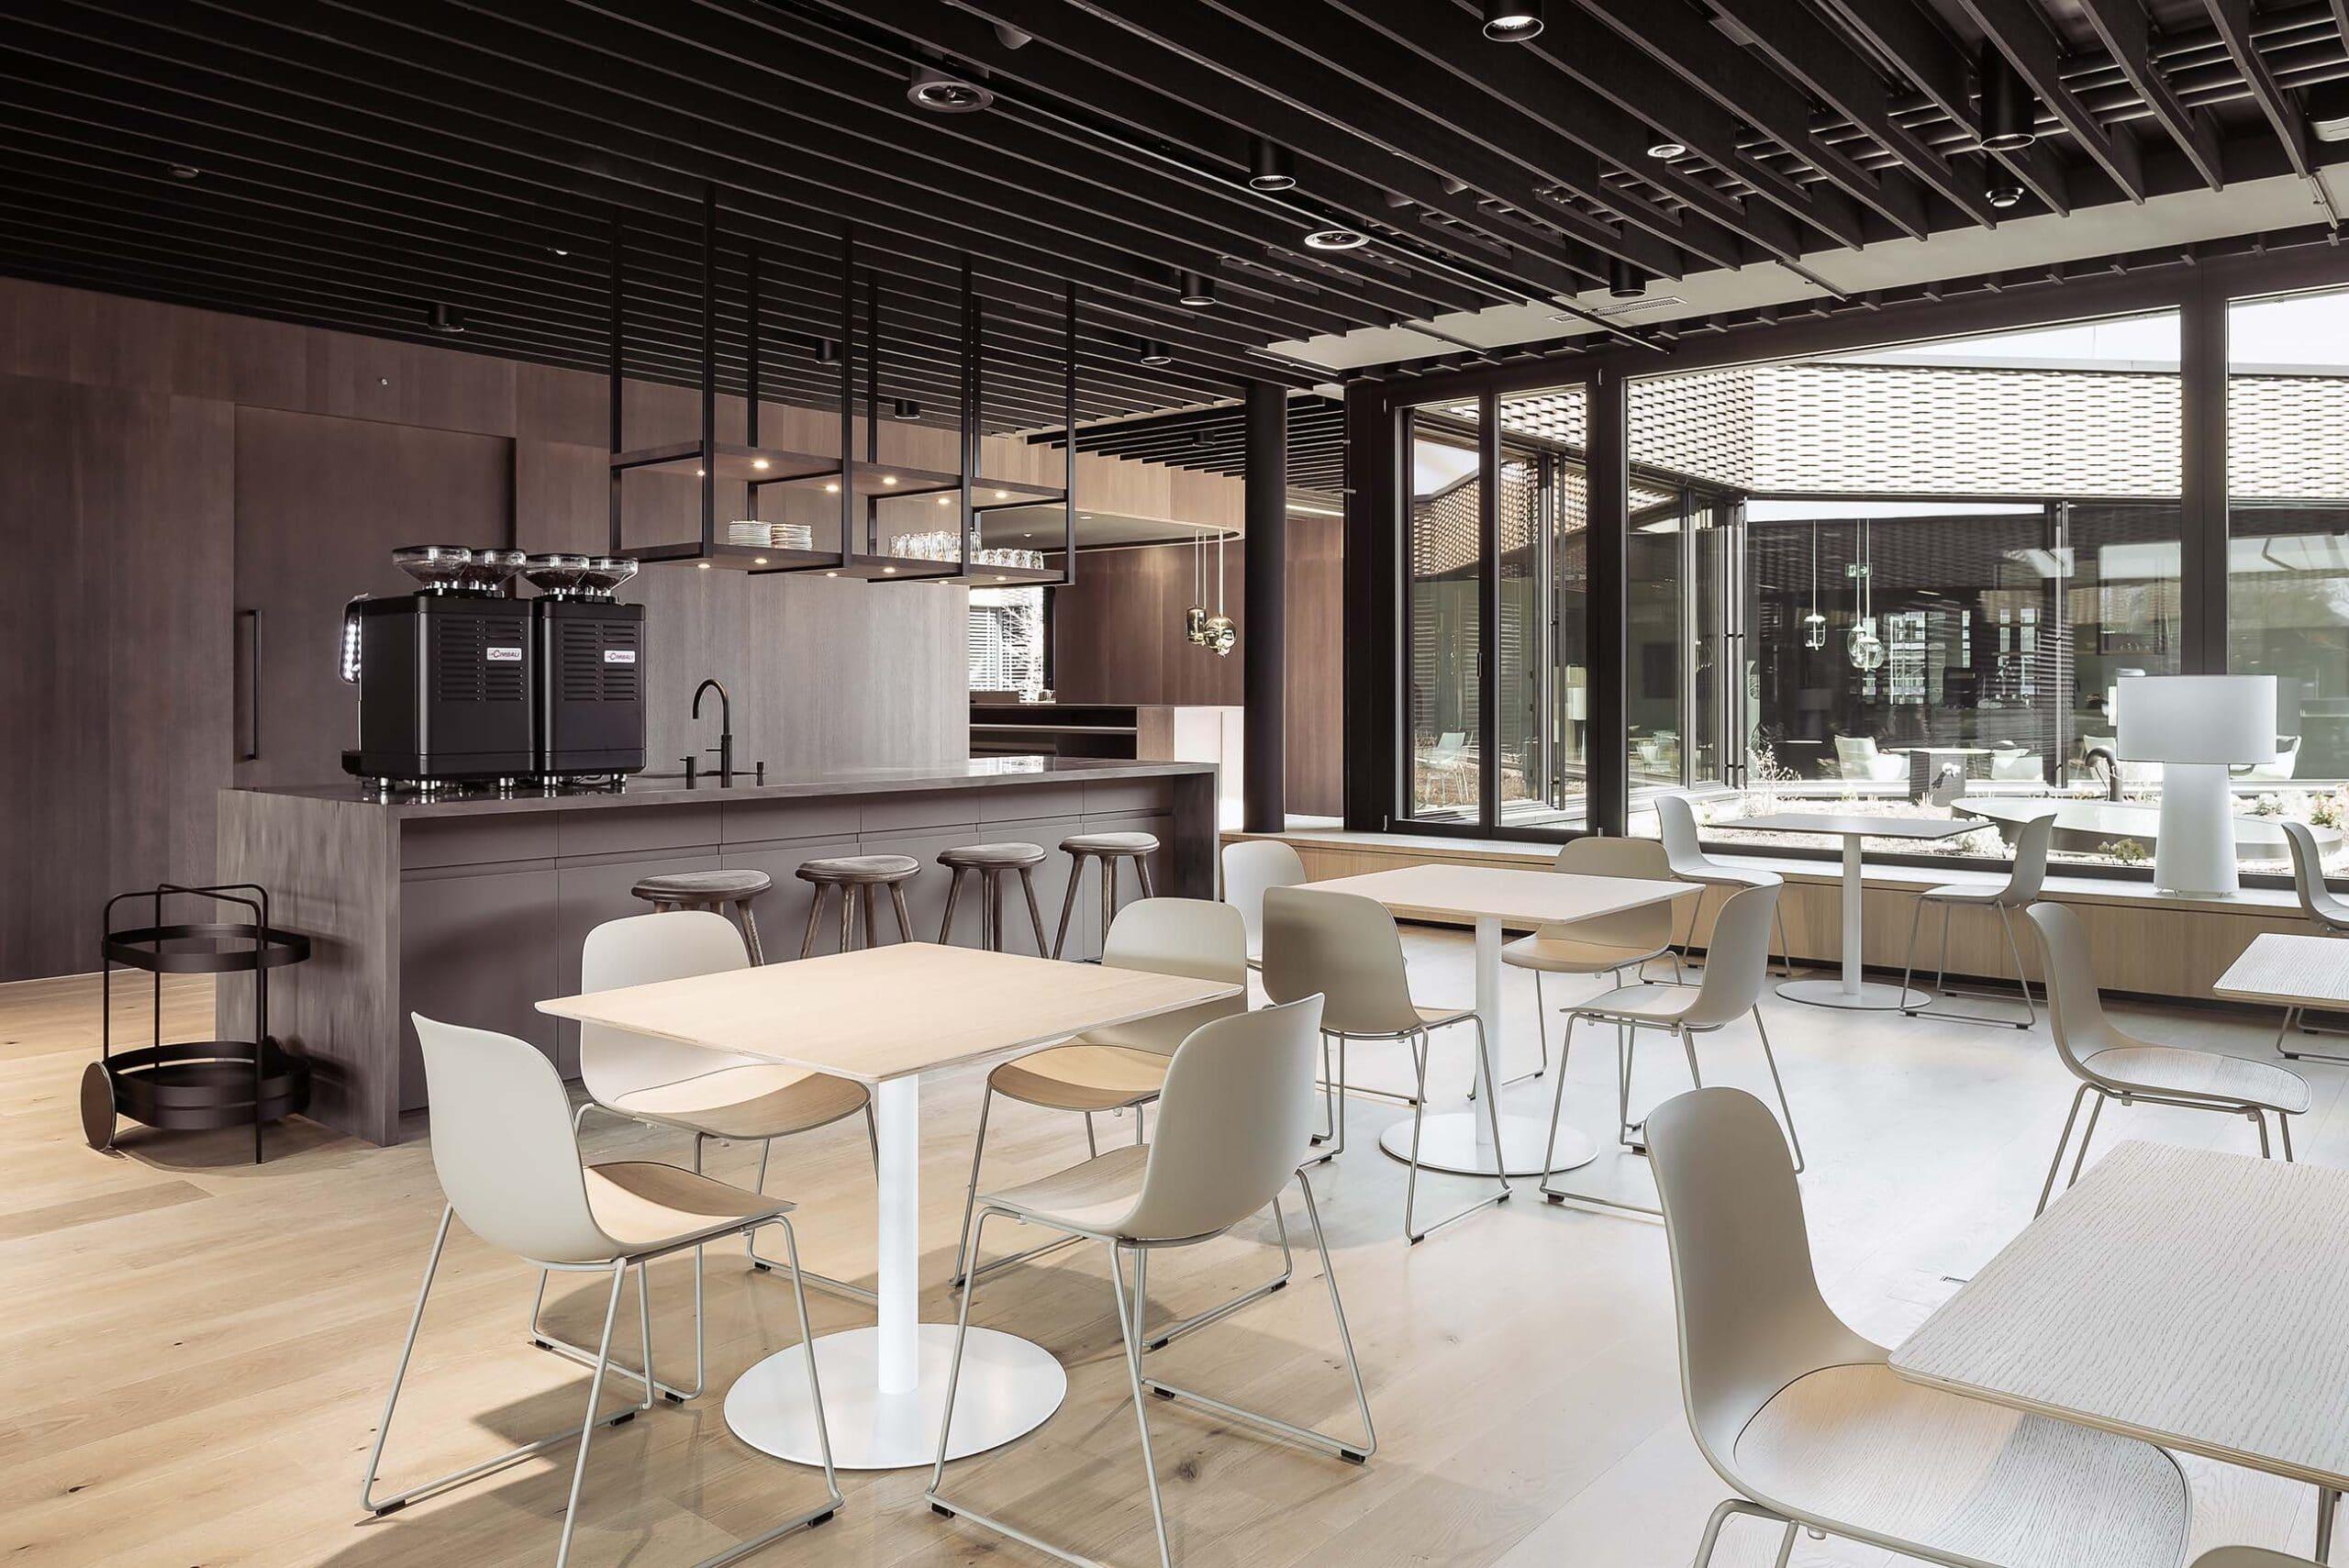 Cafeteria von Fortimo in St. Gallen